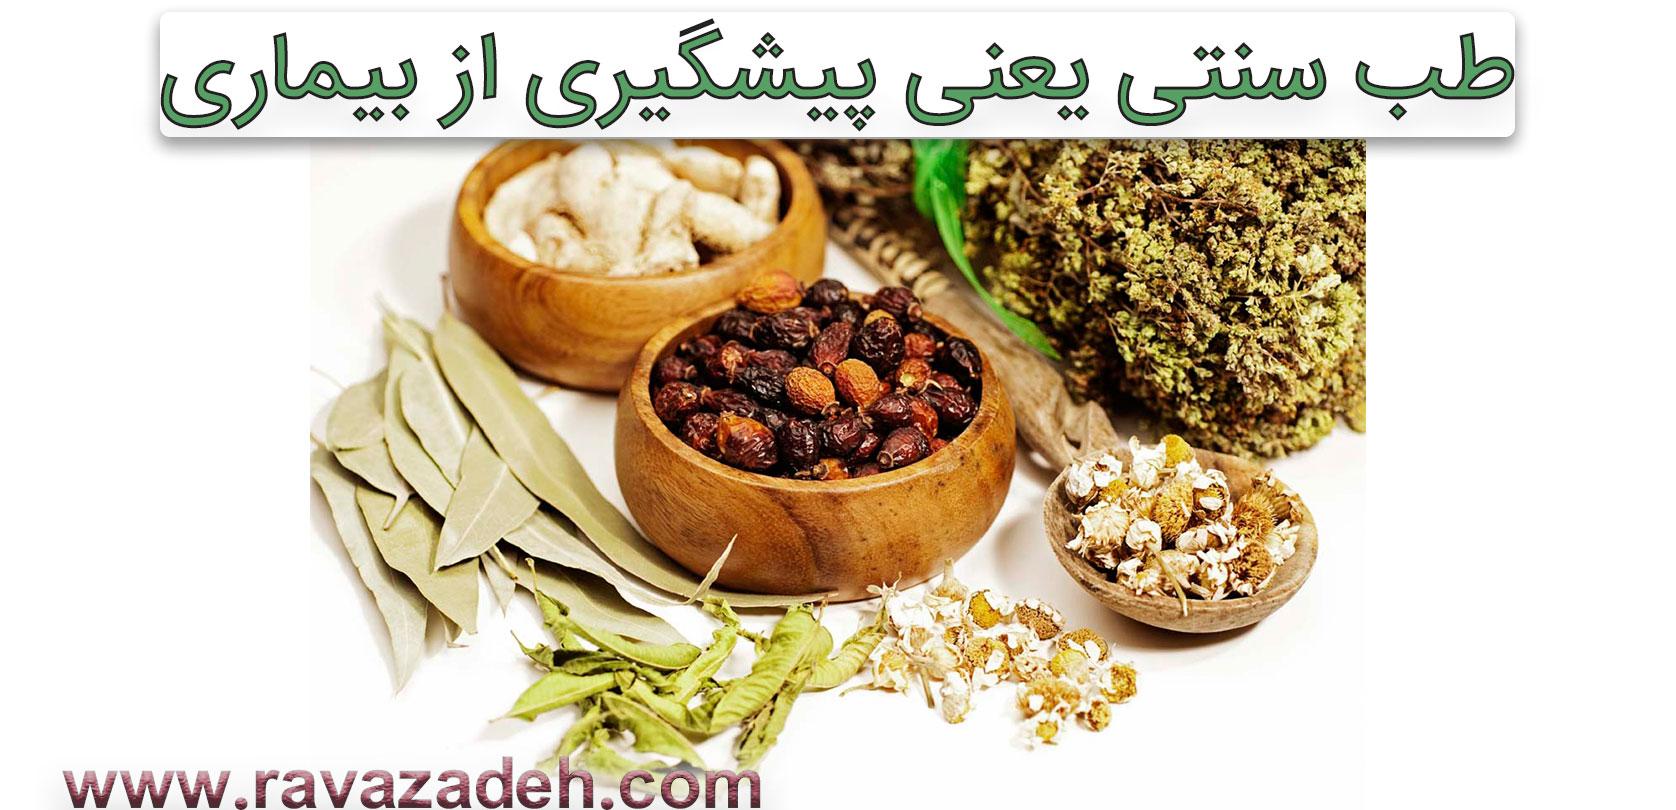 Photo of طب سنتی یعنی پیشگیری از بیماری